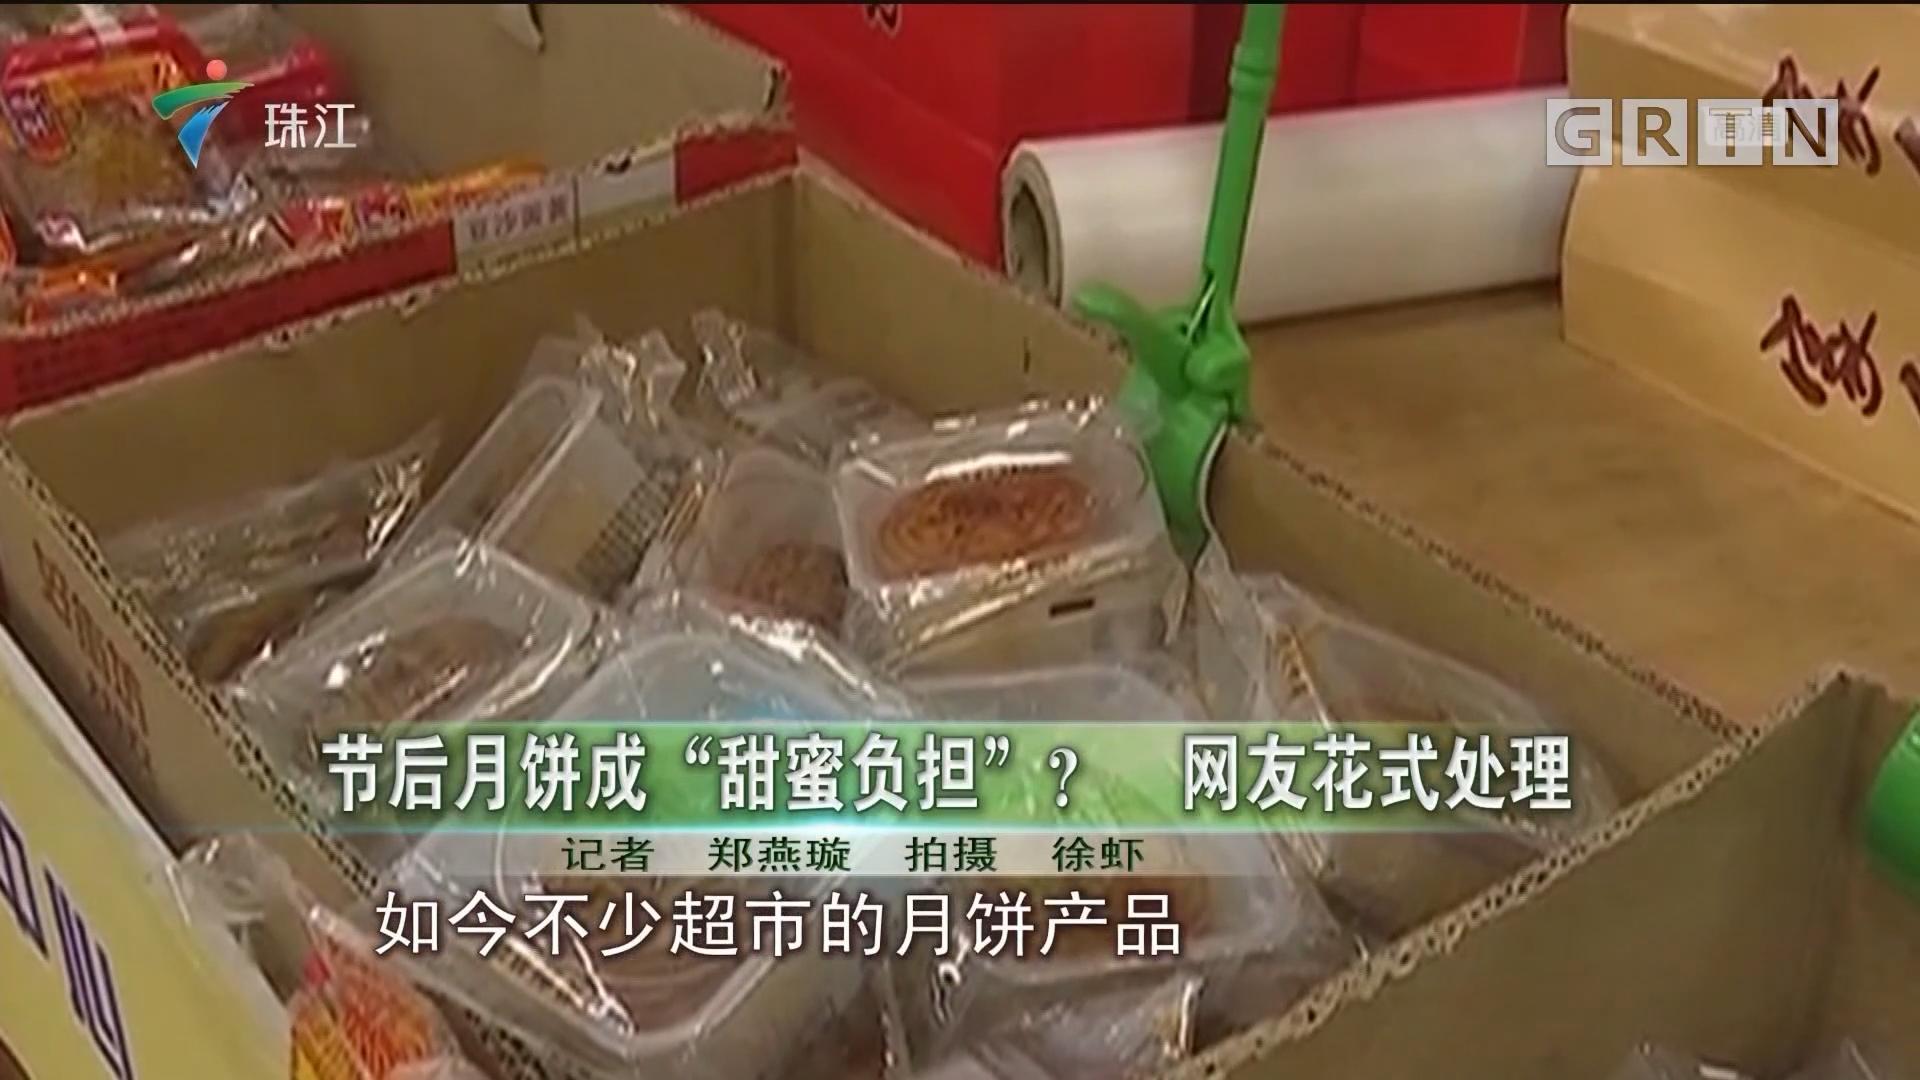 """节后月饼成""""甜蜜负担""""? 网友花式处理"""